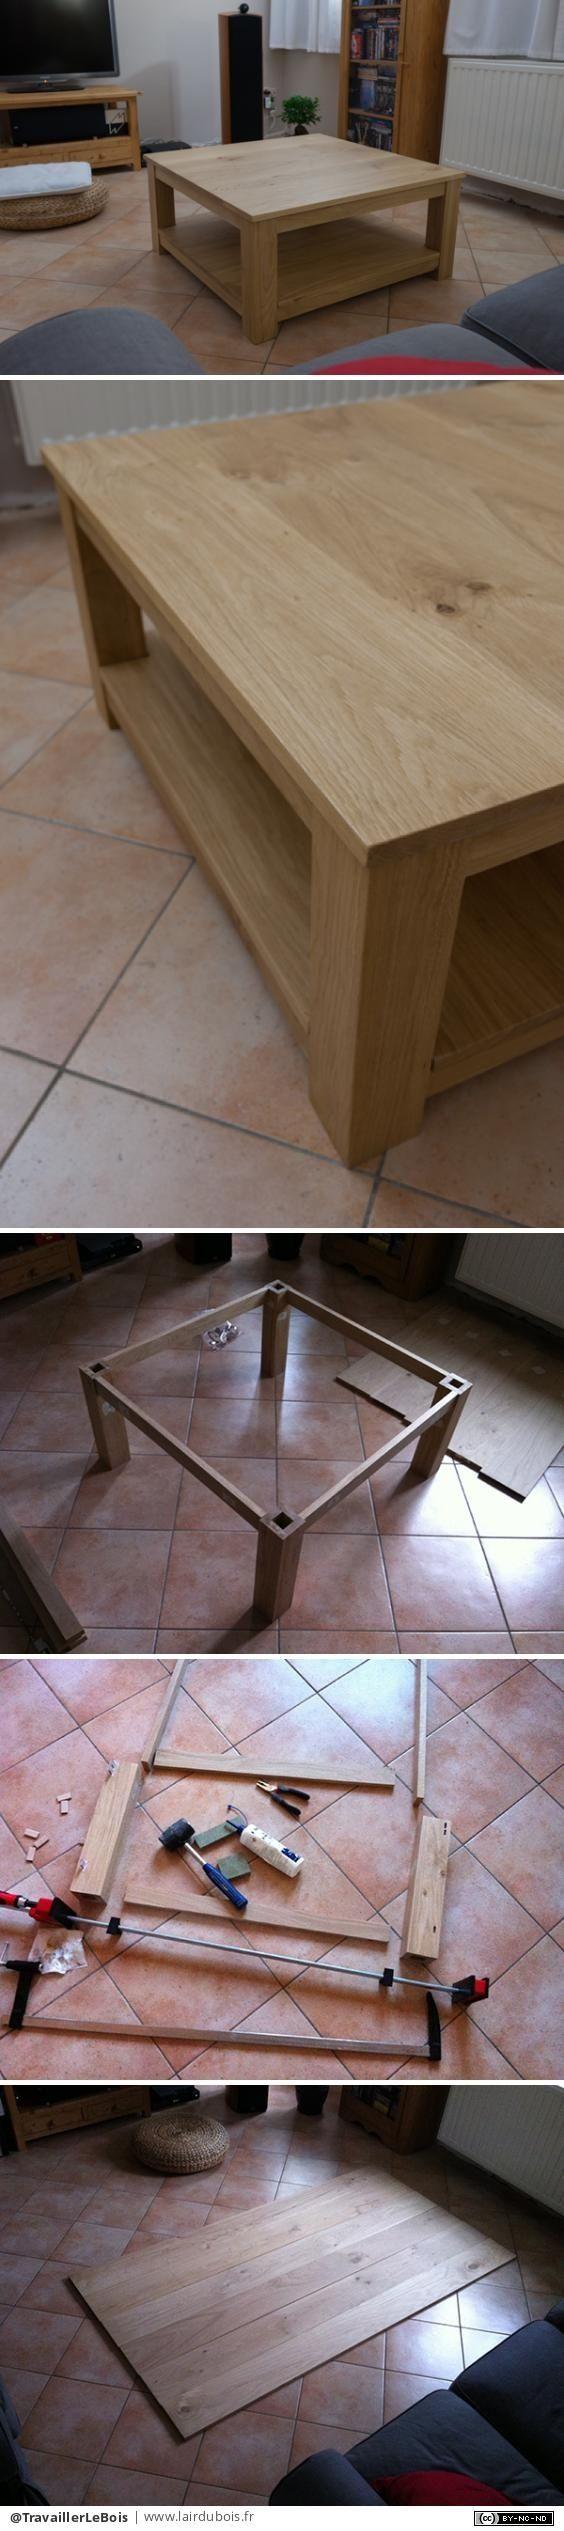 Table de salon en chêne par TravaillerLeBois - Réalisation de mon premier meuble. J'ai choisi des planches de chêne rabotées (achetées en GSB) Tout a été fait avec du matériel électroportatif.  Toute la réalisation est détaillée en photos sur cette...